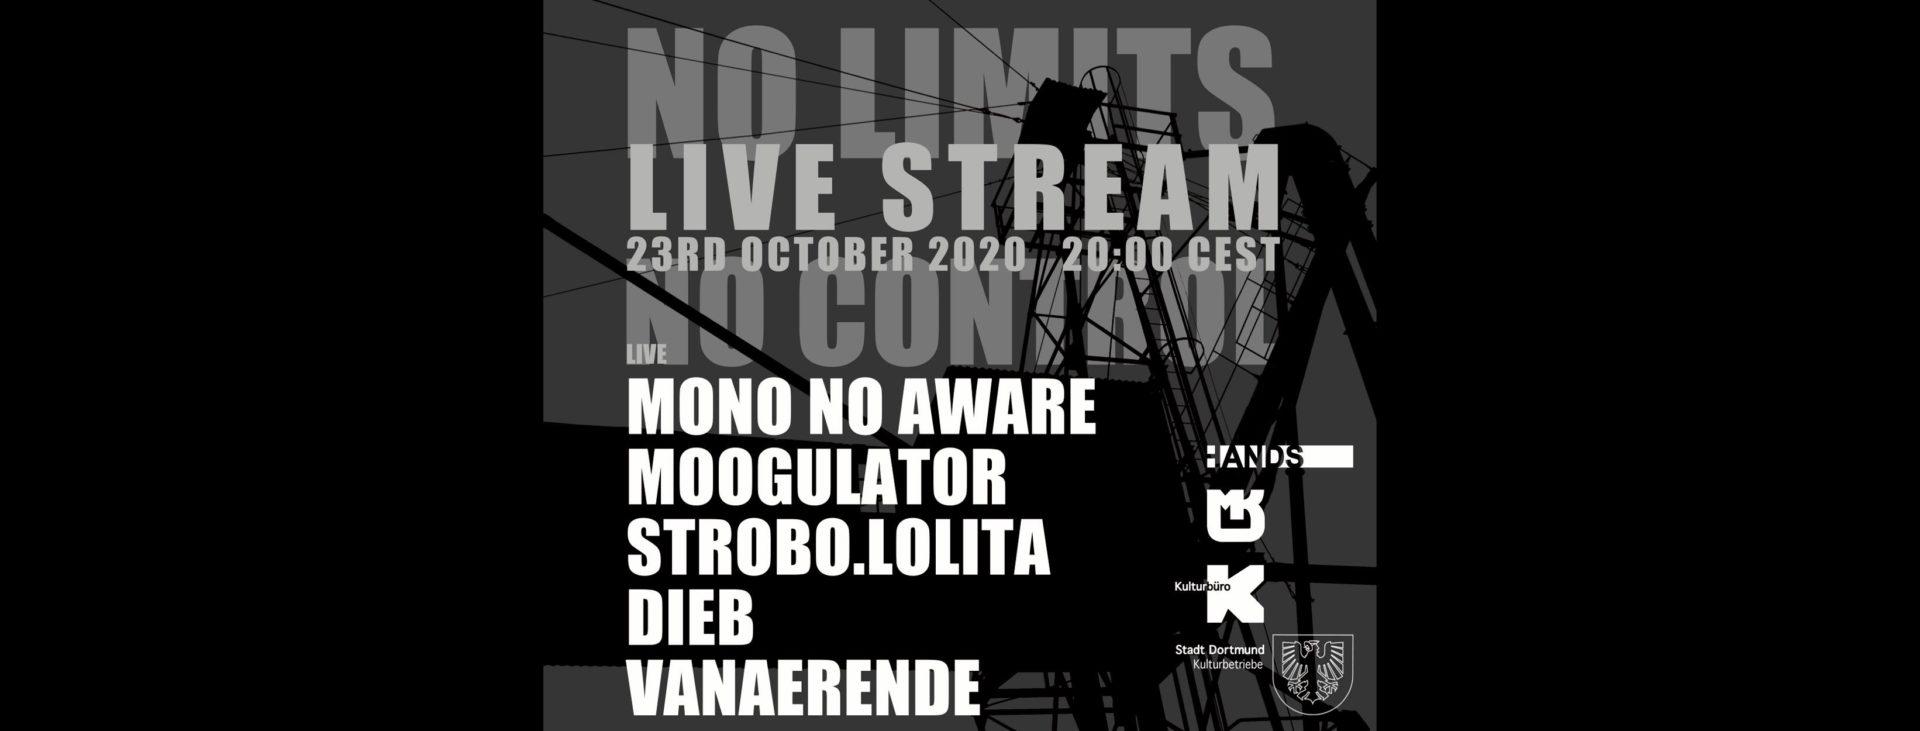 No Limits No Control Moogulator